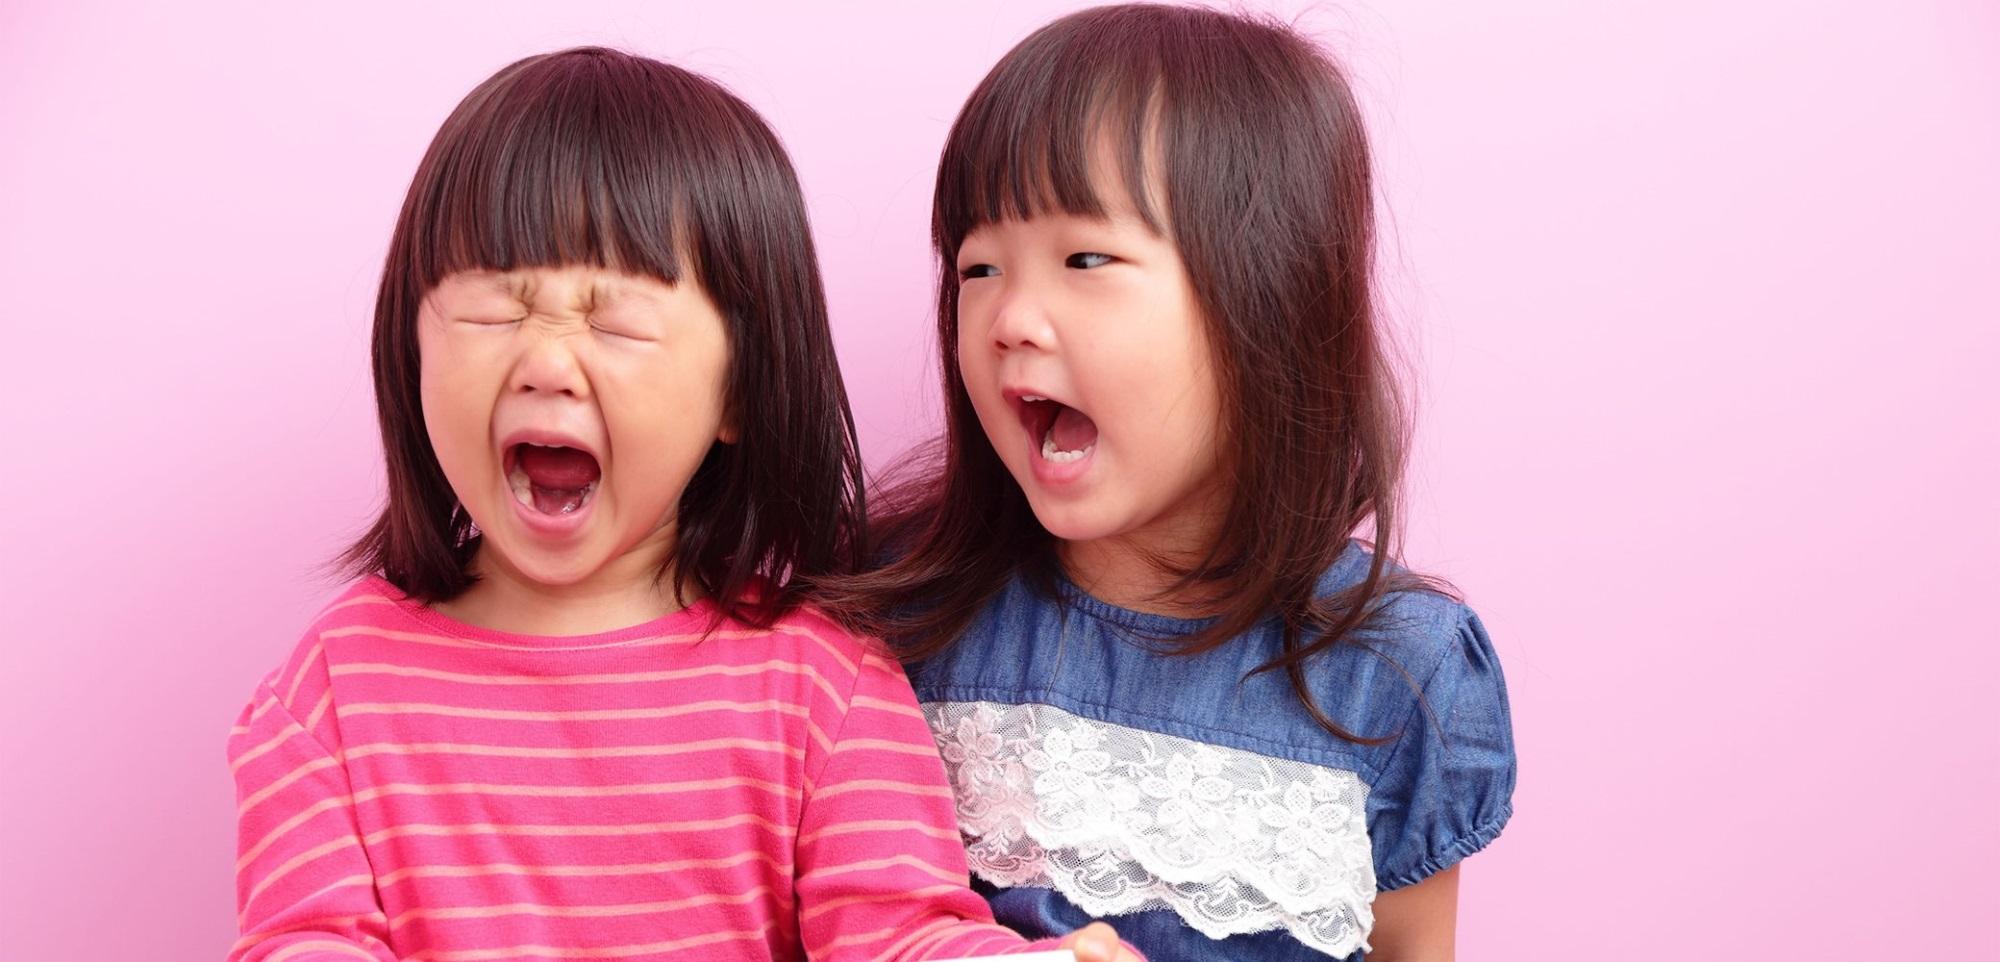 Dạy trẻ năng lực quản lý cảm xúc để trở thành người ưu tú trong tương lai - Ảnh 2